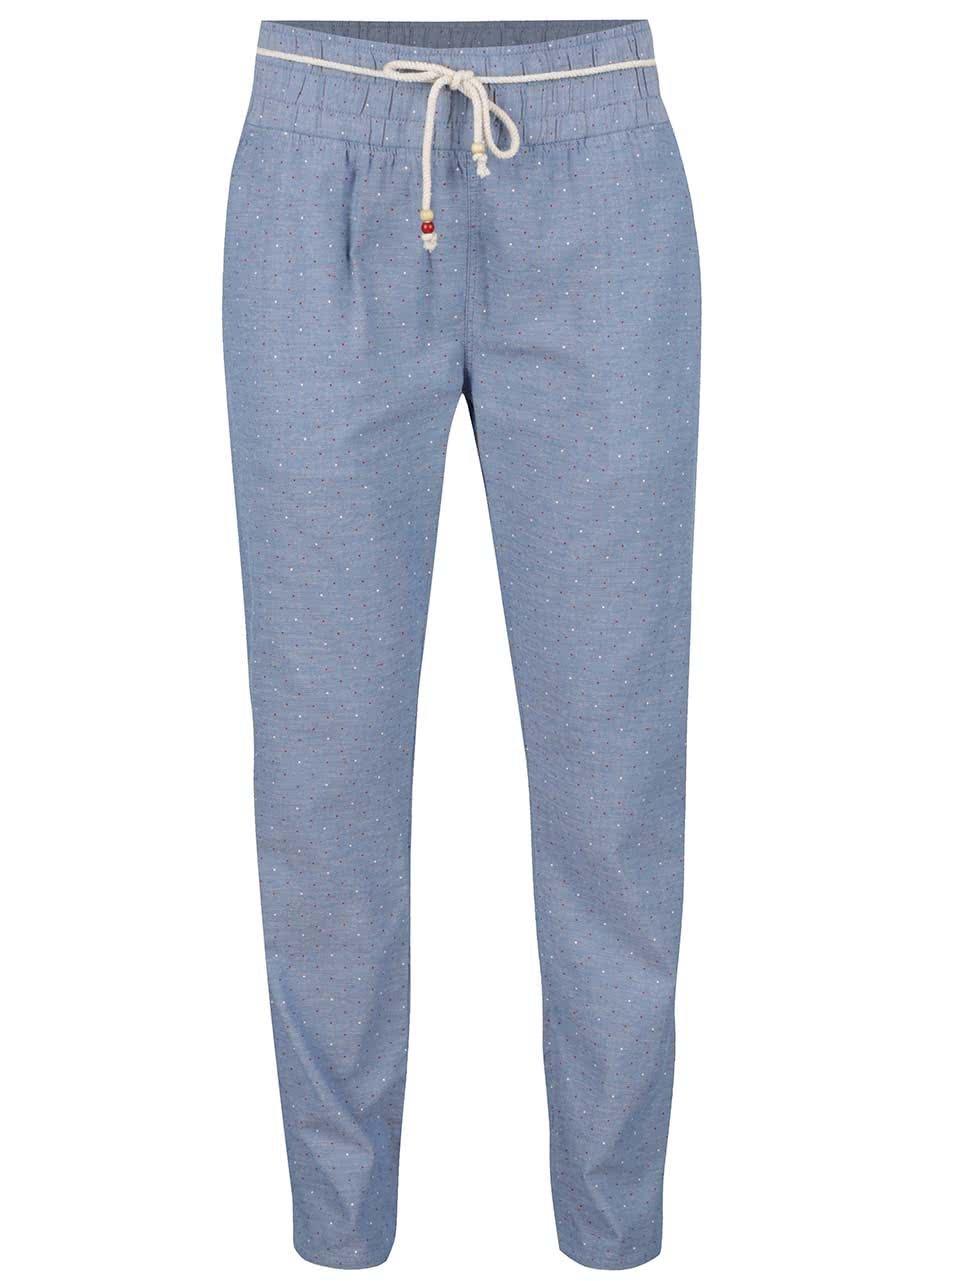 Modré dámské puntíkované kalhoty Horsefeathers Super Summer